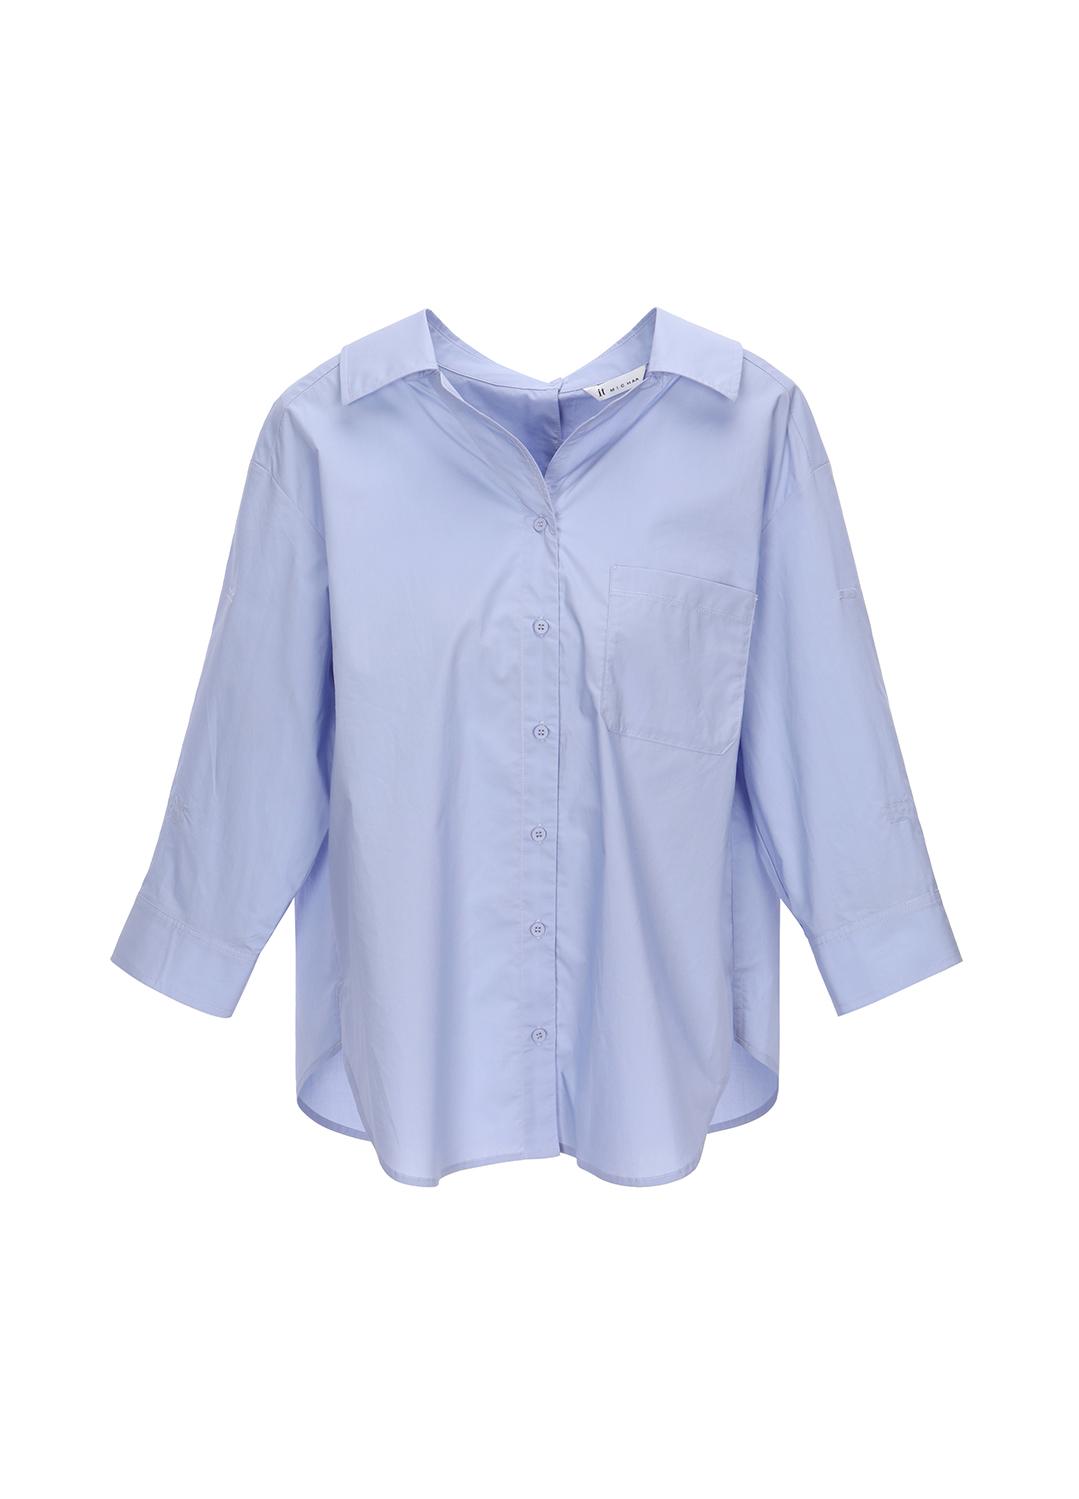 박시핏 캐쥬얼 셔츠